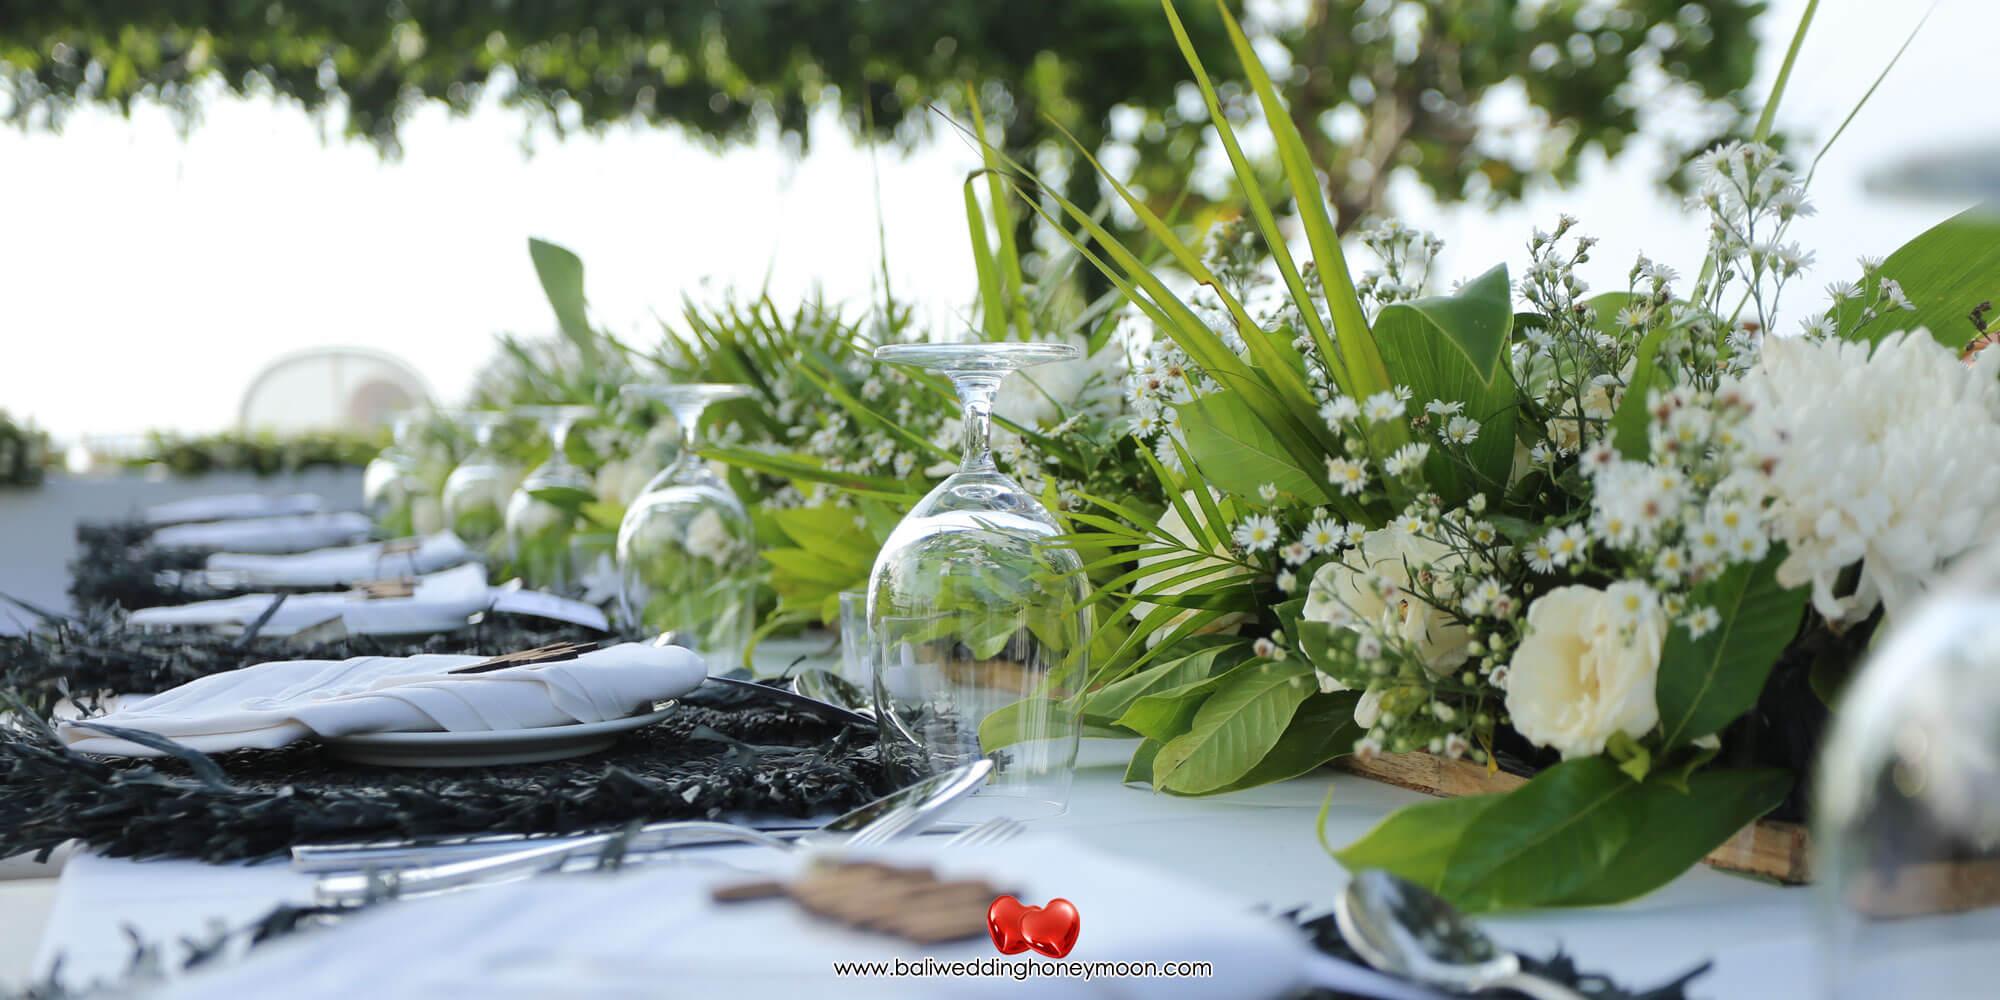 weddingvenuebali-gardenbaliwedding-baliweddinghoneymoon-baliweddingorganizer-baliweddingplanner-baliweddingpackage-holidayinbarunabali3